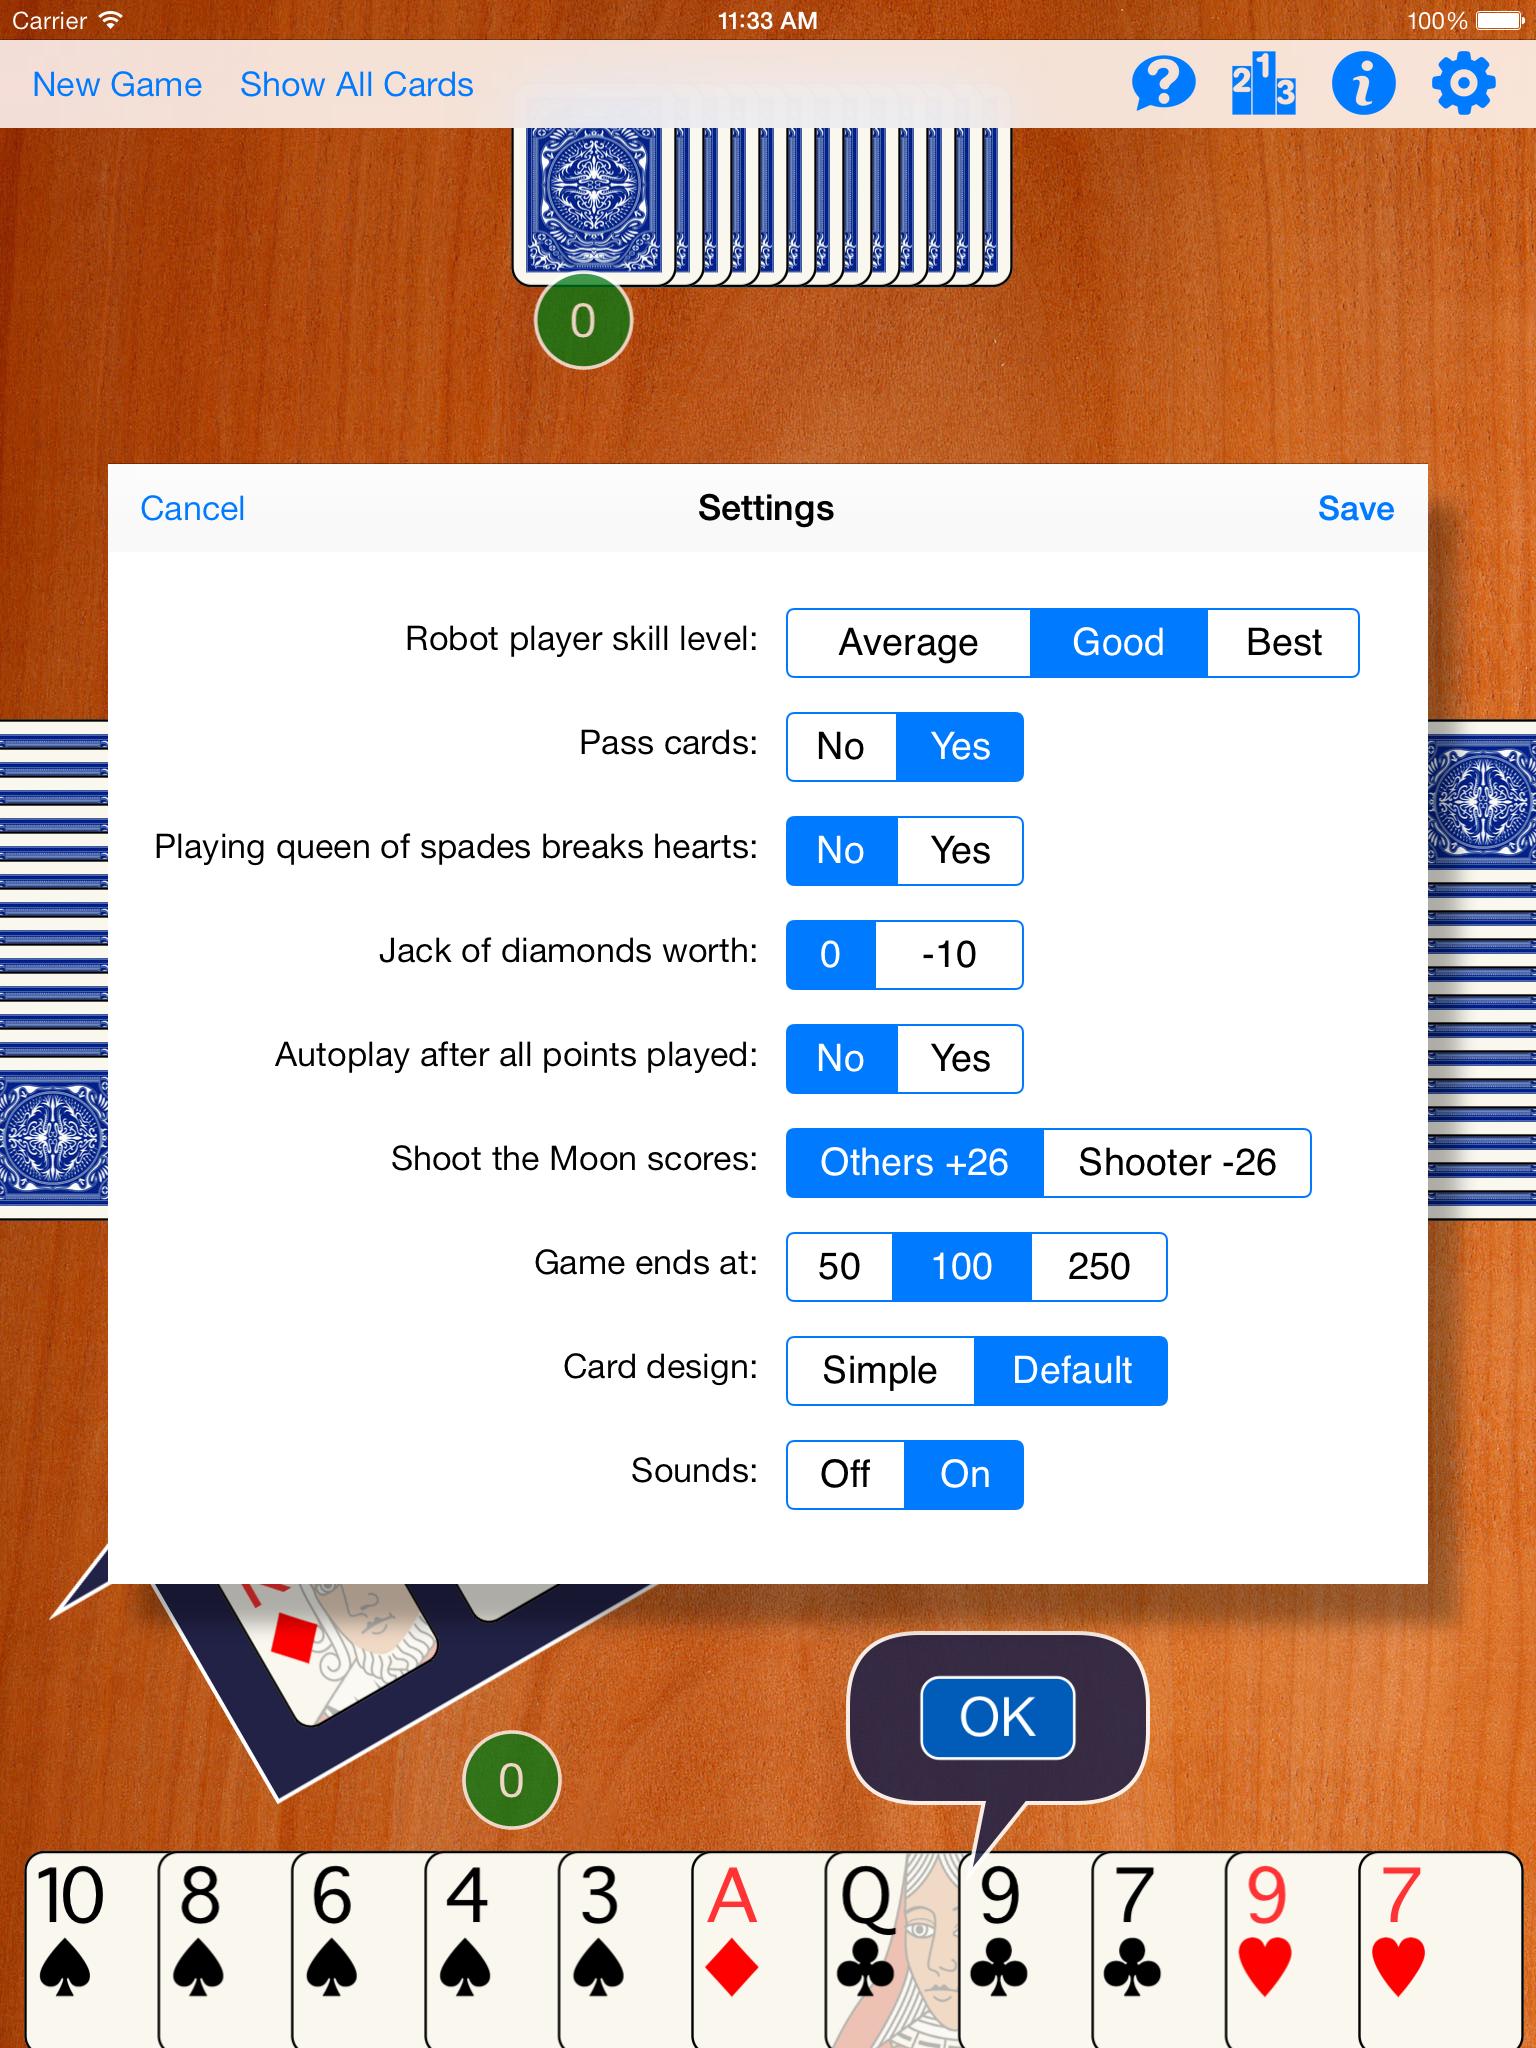 iOS Simulator Screen shot Sep 17, 2013 11.33.08 AM.png